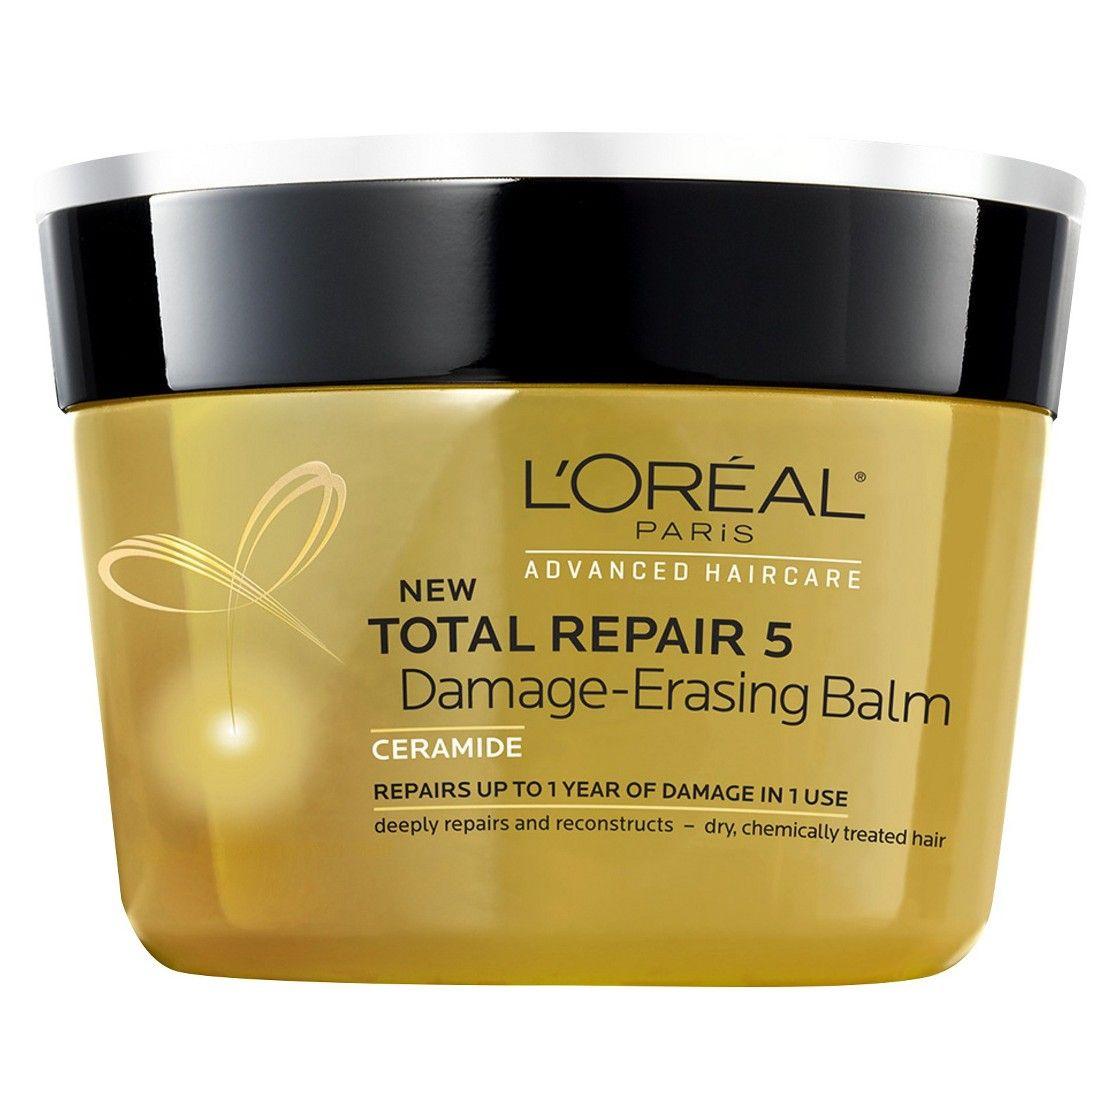 L Oreal Paris Advanced Haircare Total Repair 5 Damage Erasing